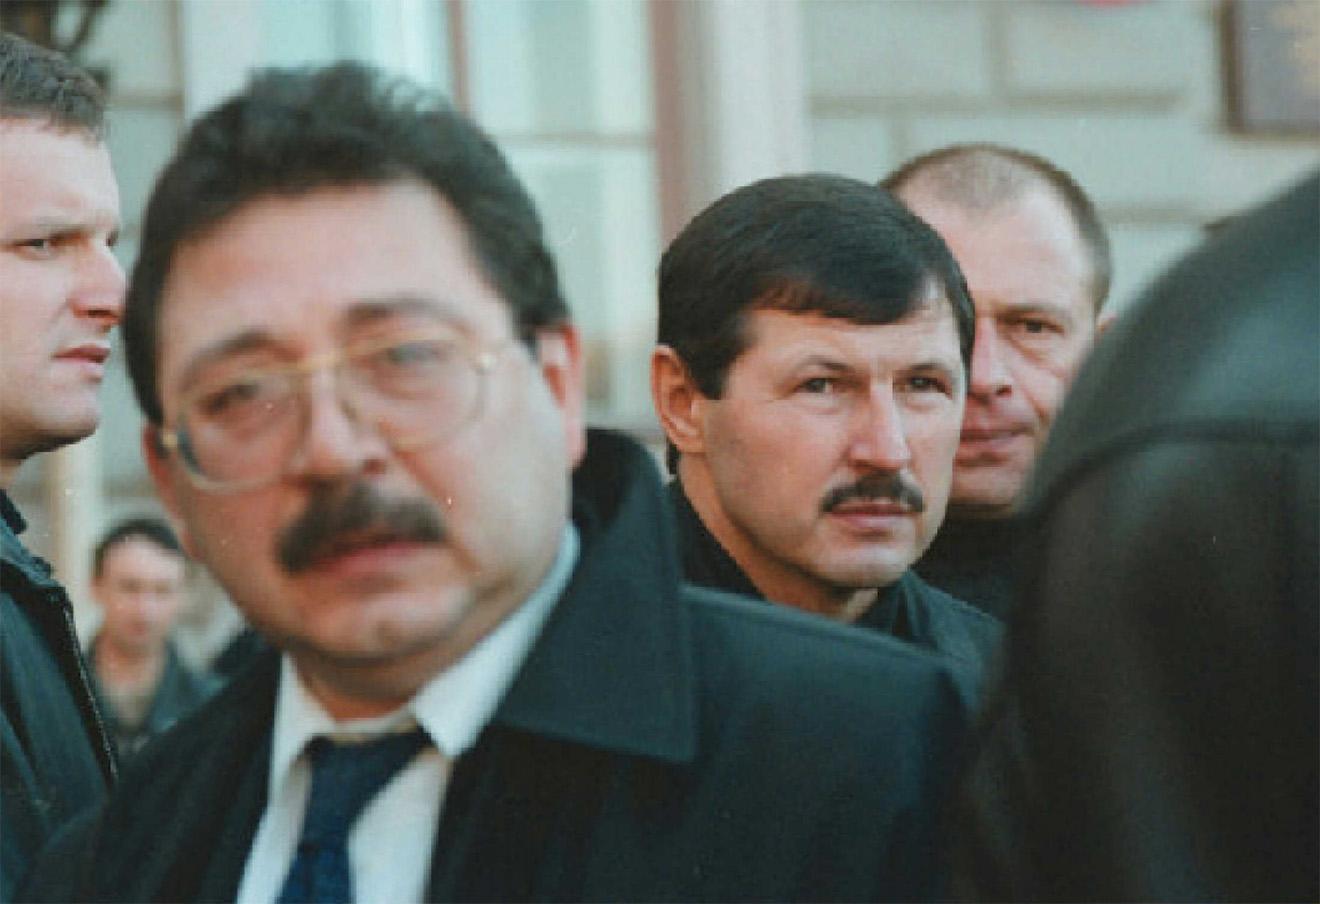 Лидер кооператива «Озеро» Владимир Смирнов с лидером тамбовской банды Владимиром Кумариным.